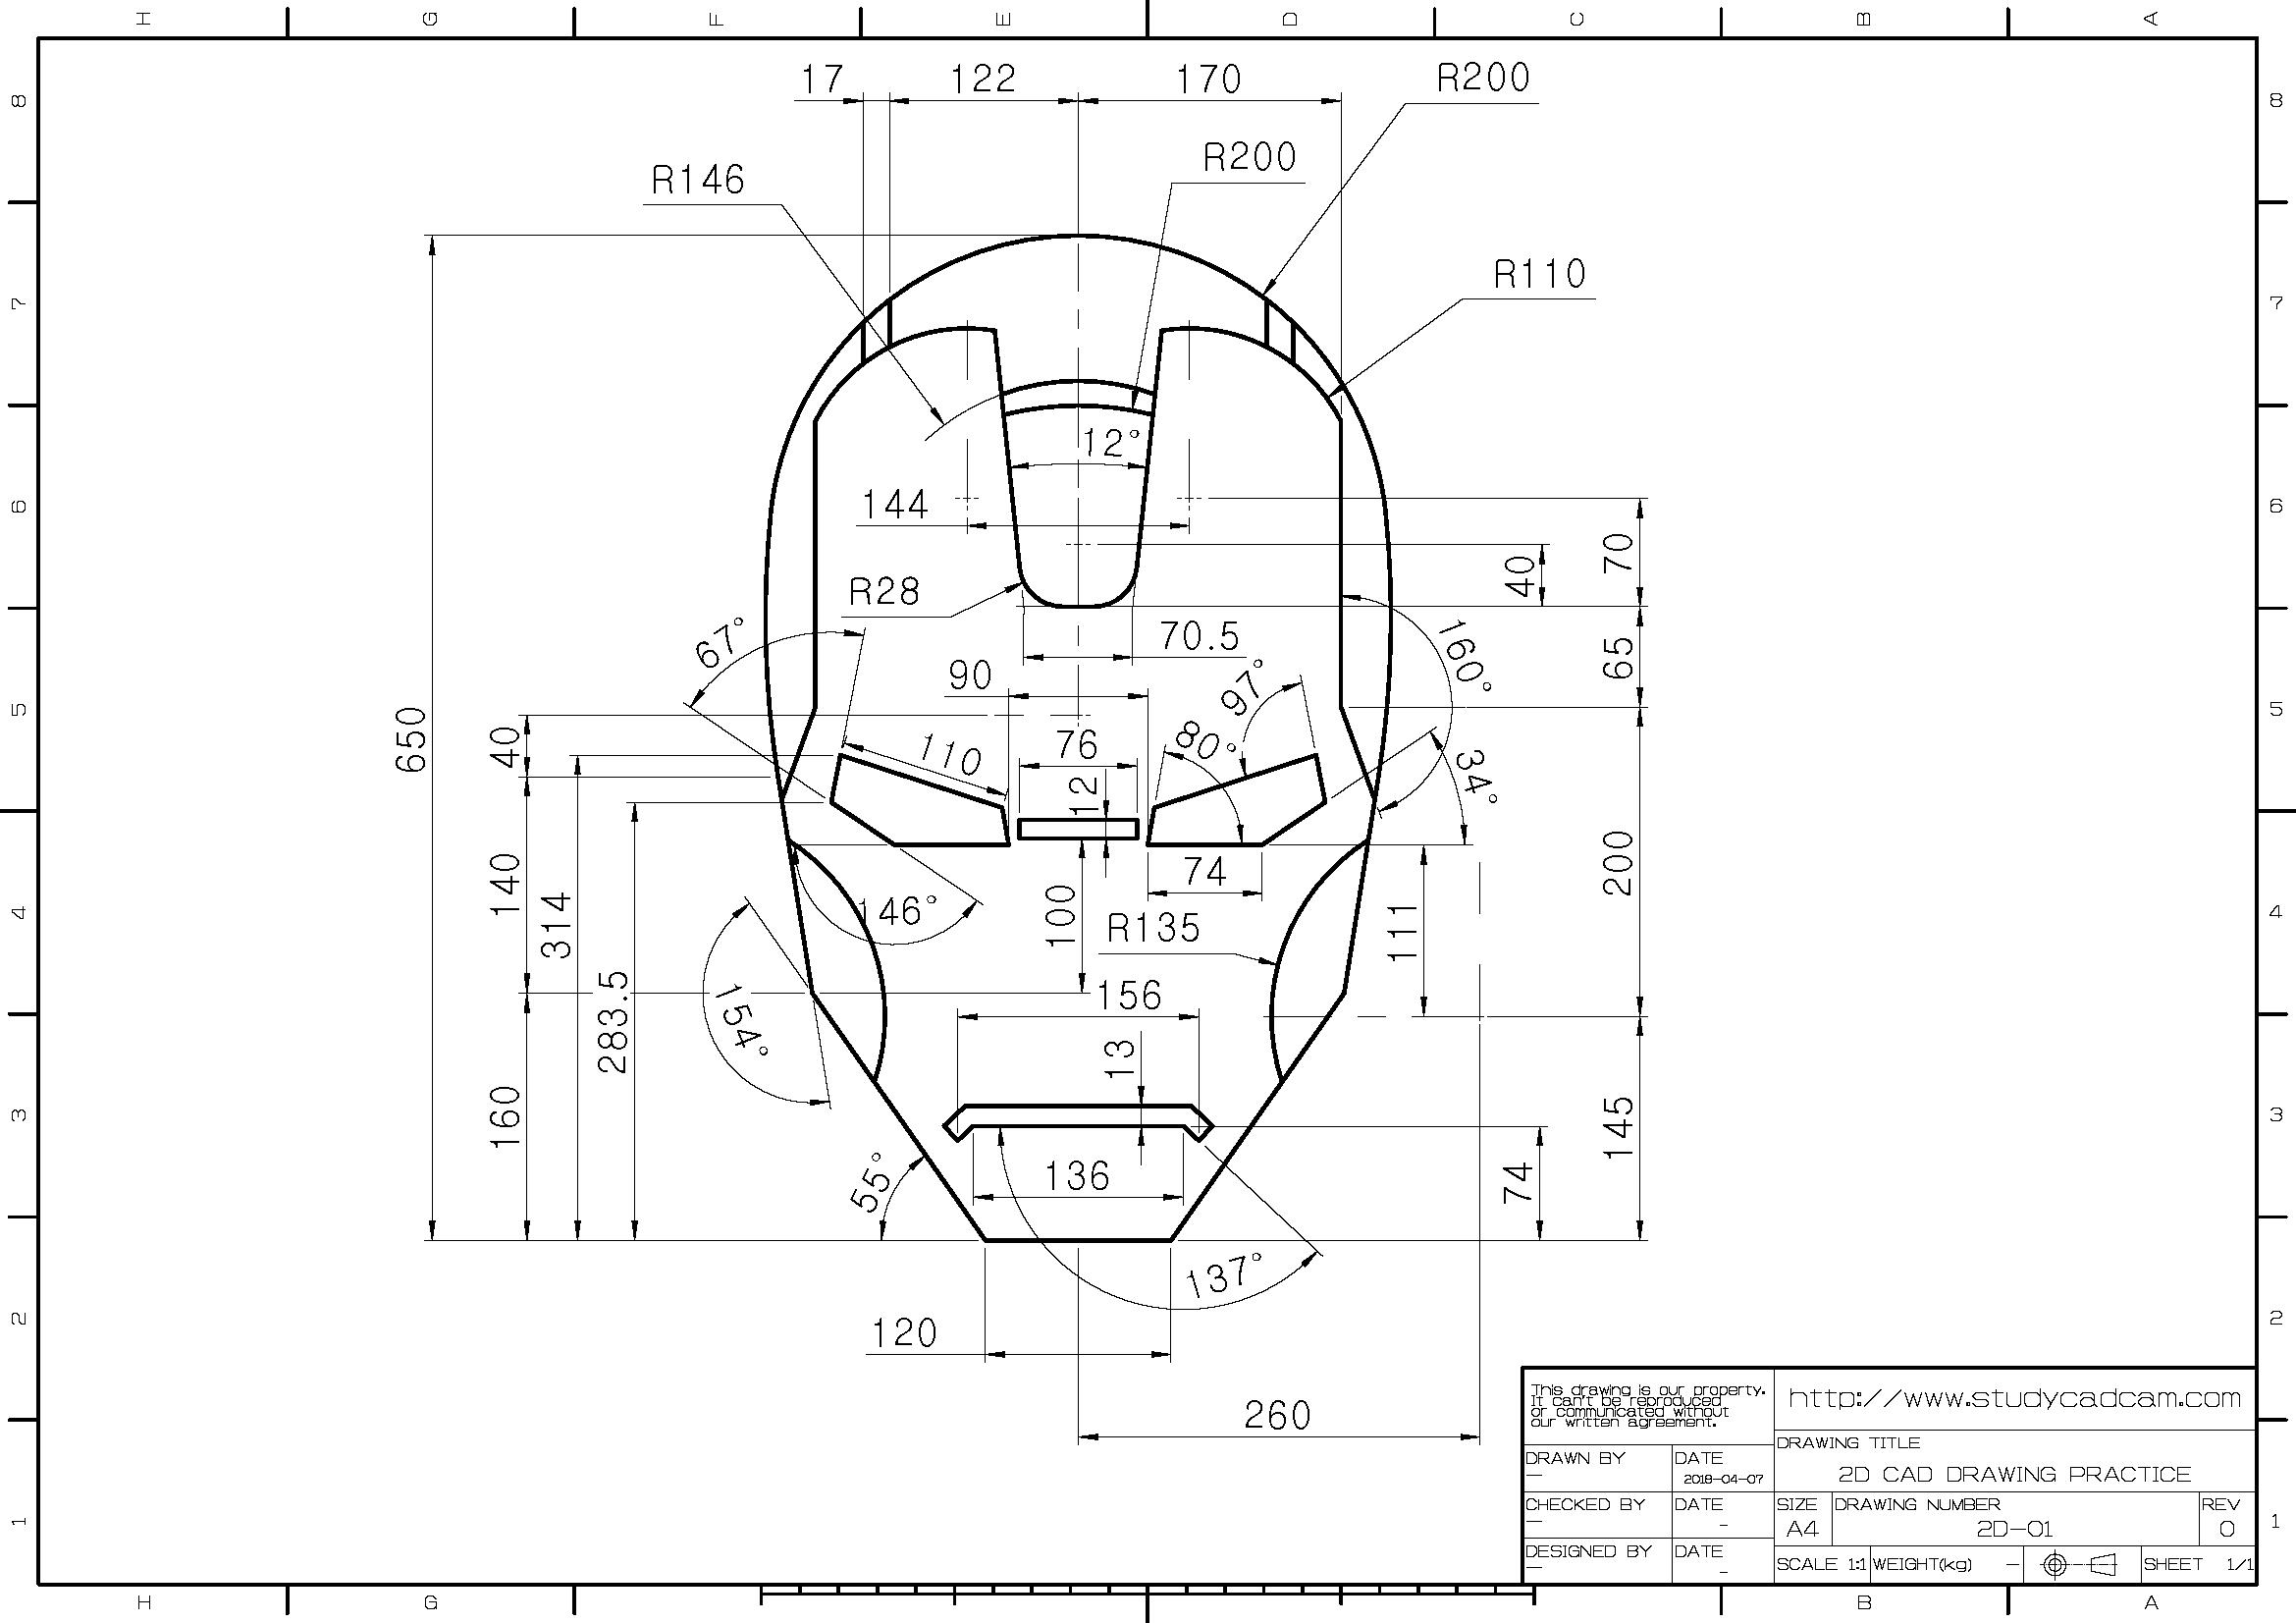 pin by naomasa ishii on drafting